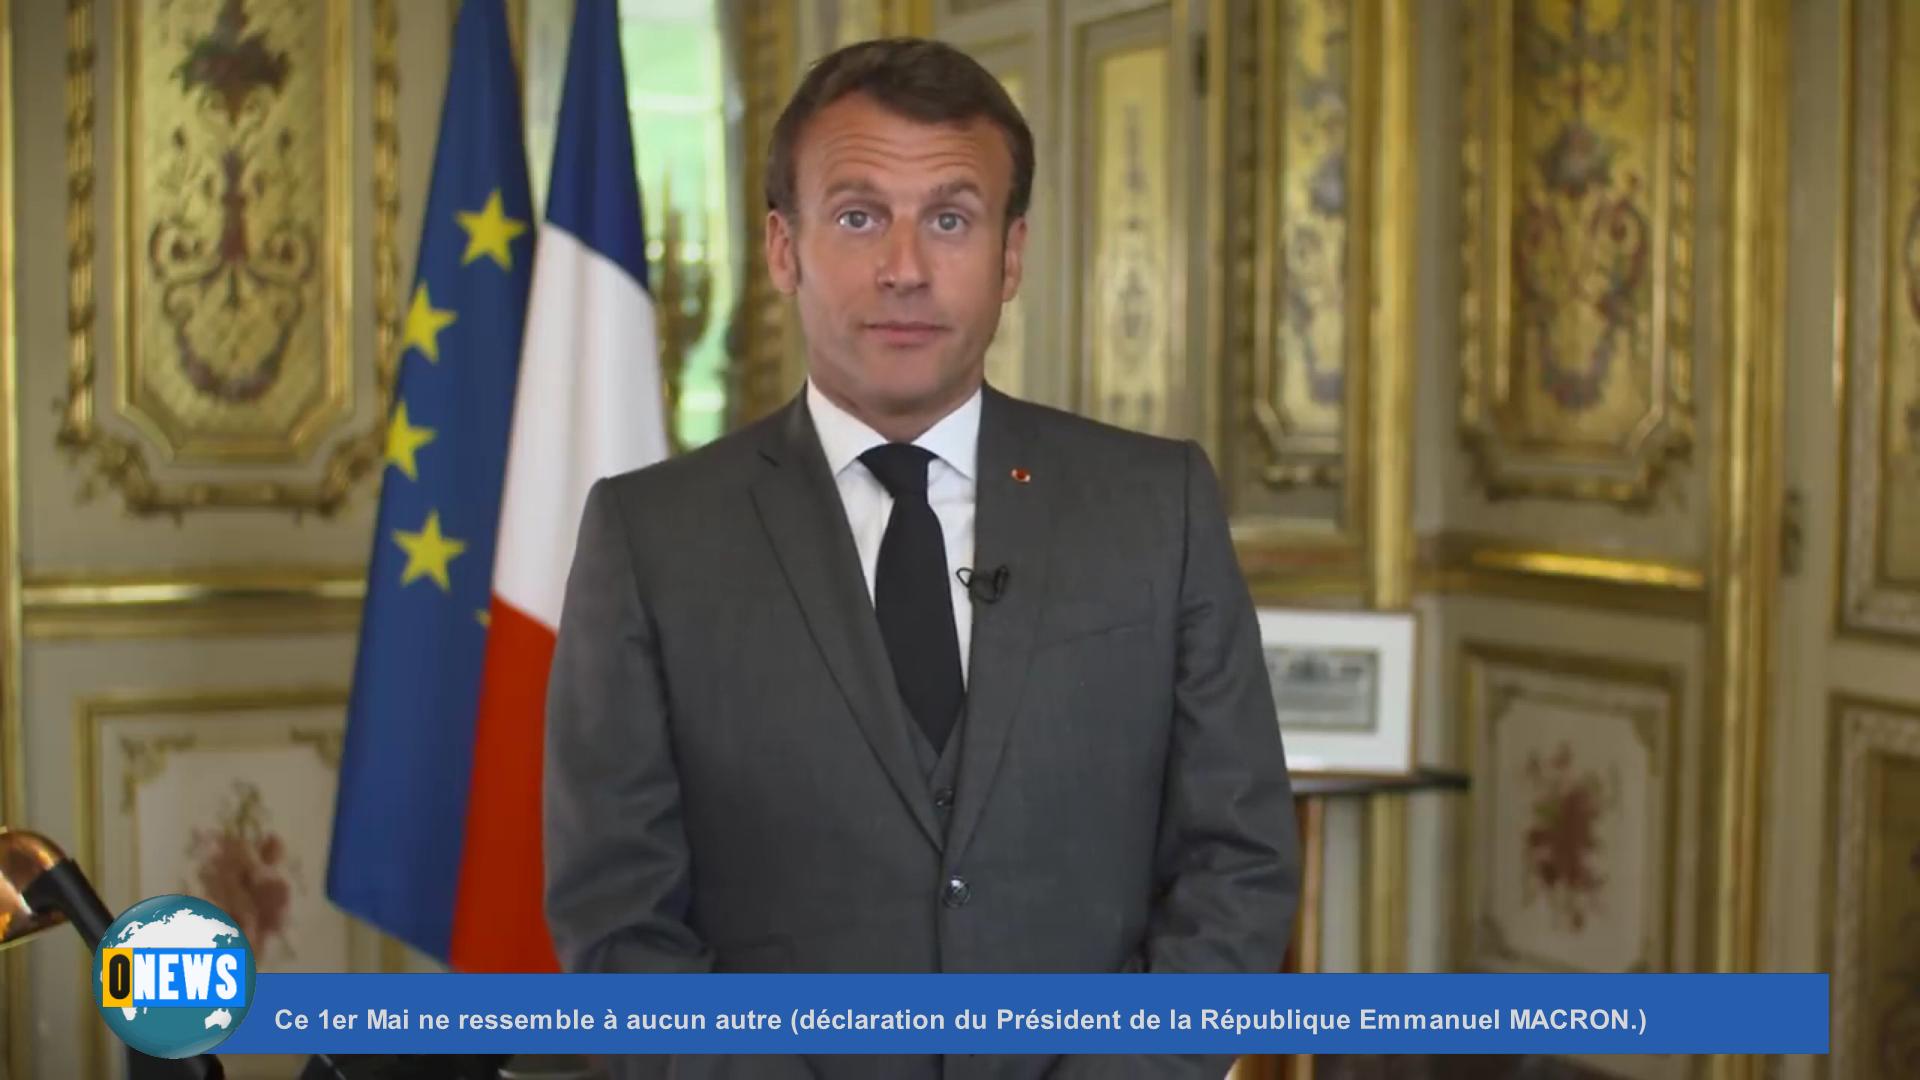 [Vidéo] Ce 1er Mai ne ressemble à aucun autre (déclaration du Président de la République Emmanuel MACRON.)